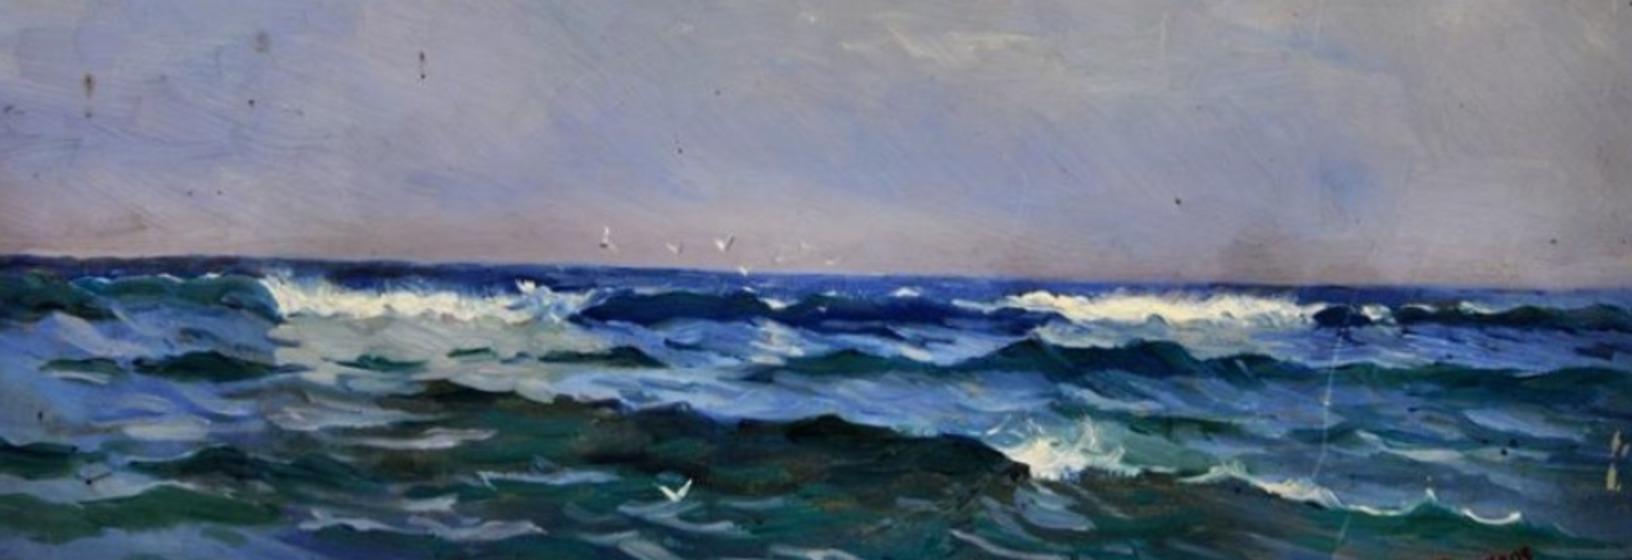 painting of ocean waves